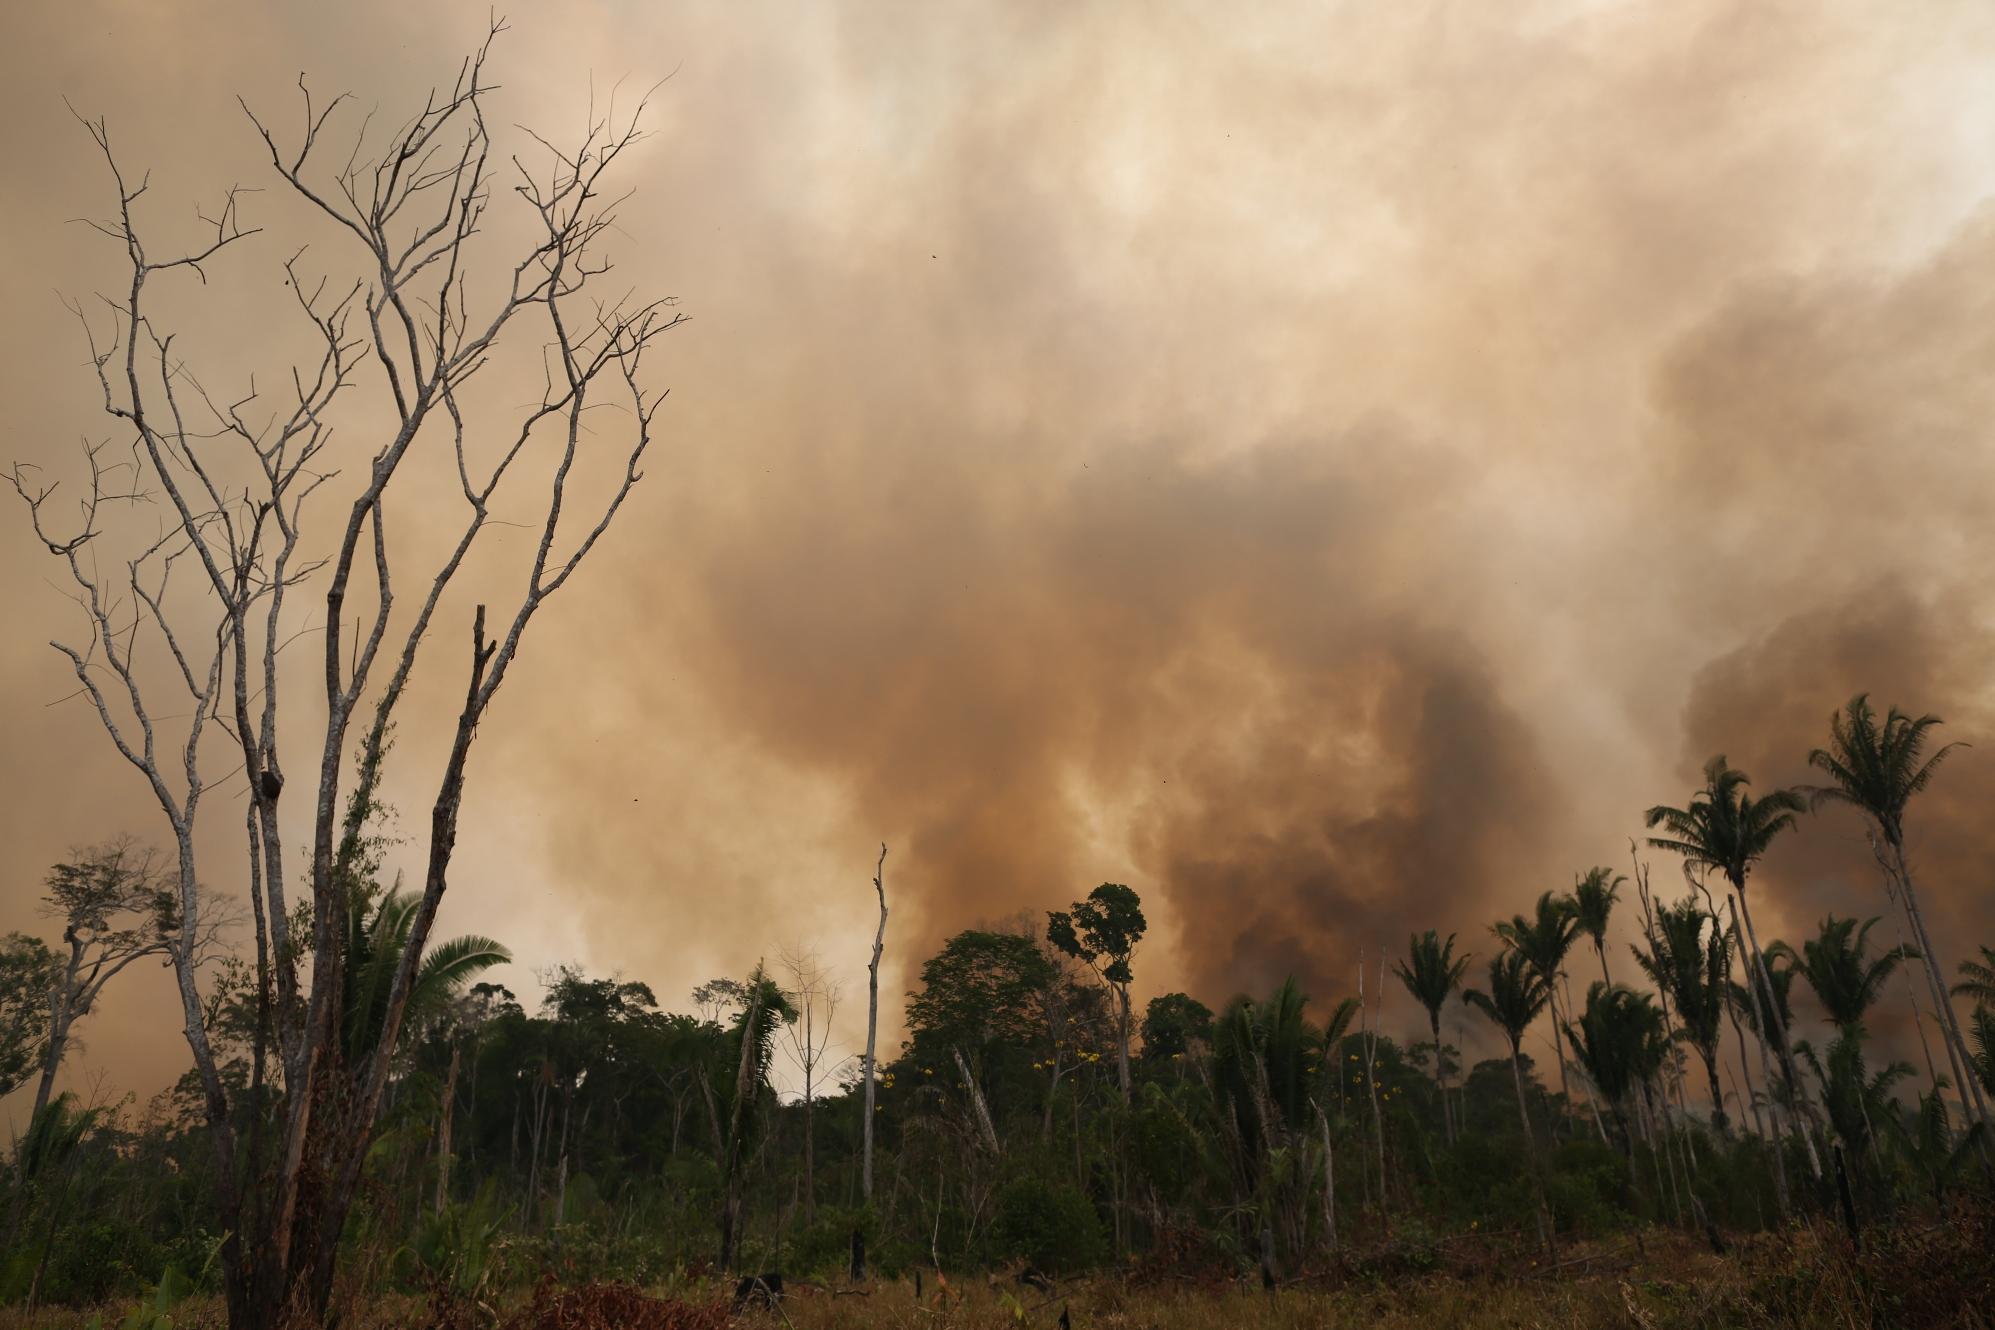 BR-319 ameaça povos indígenas 3: Identificação dos povos impactados